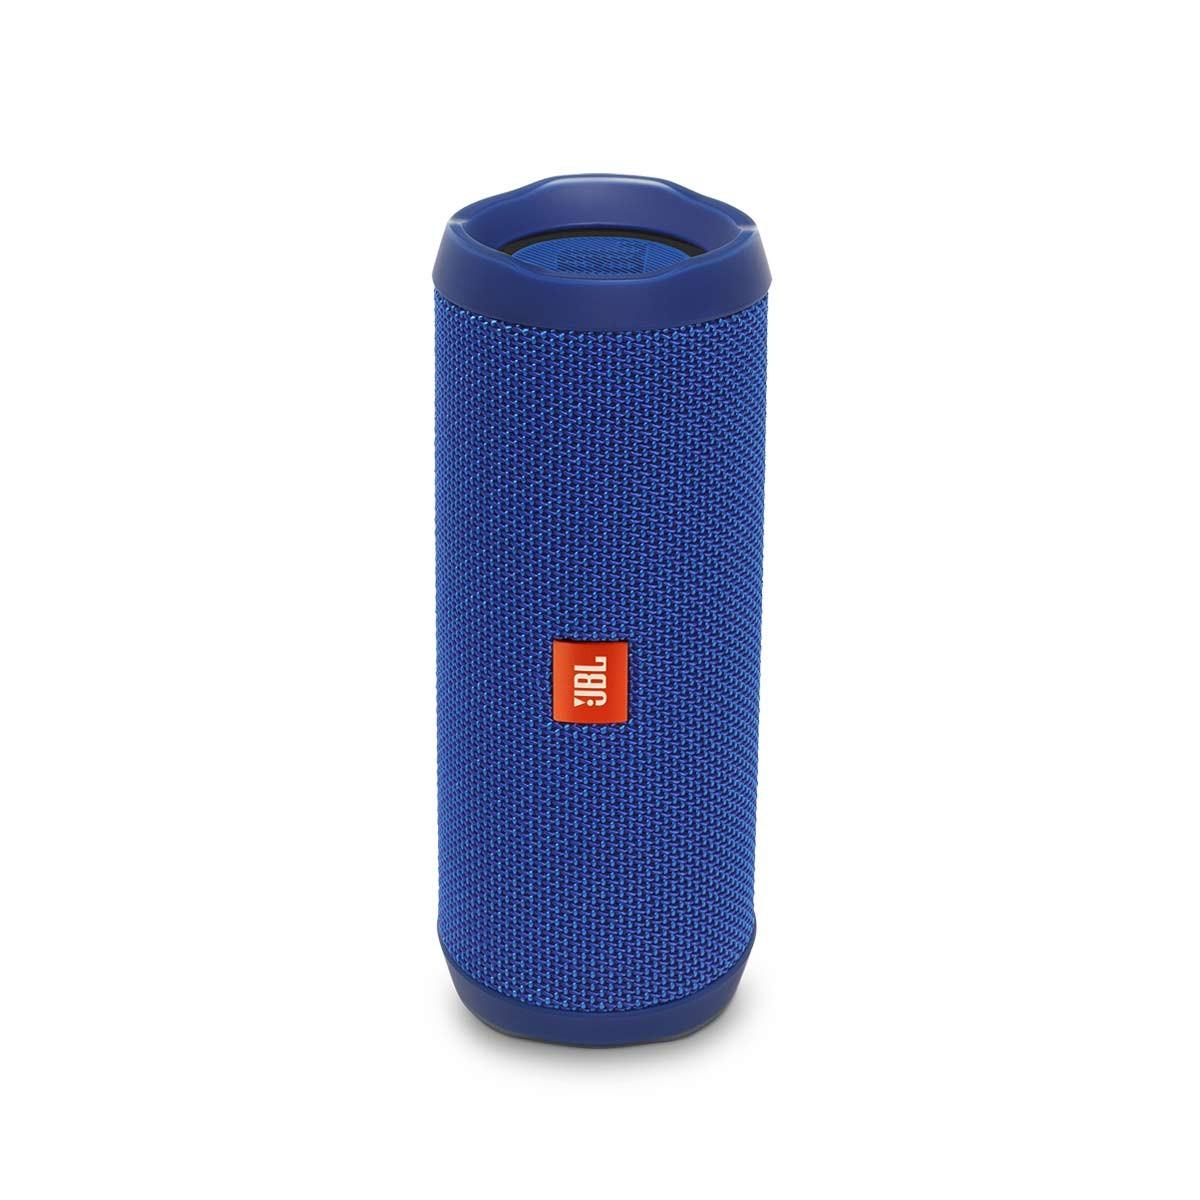 JBL Flip 4, přenosný voděodolný Bluetooth reproduktor - modrý